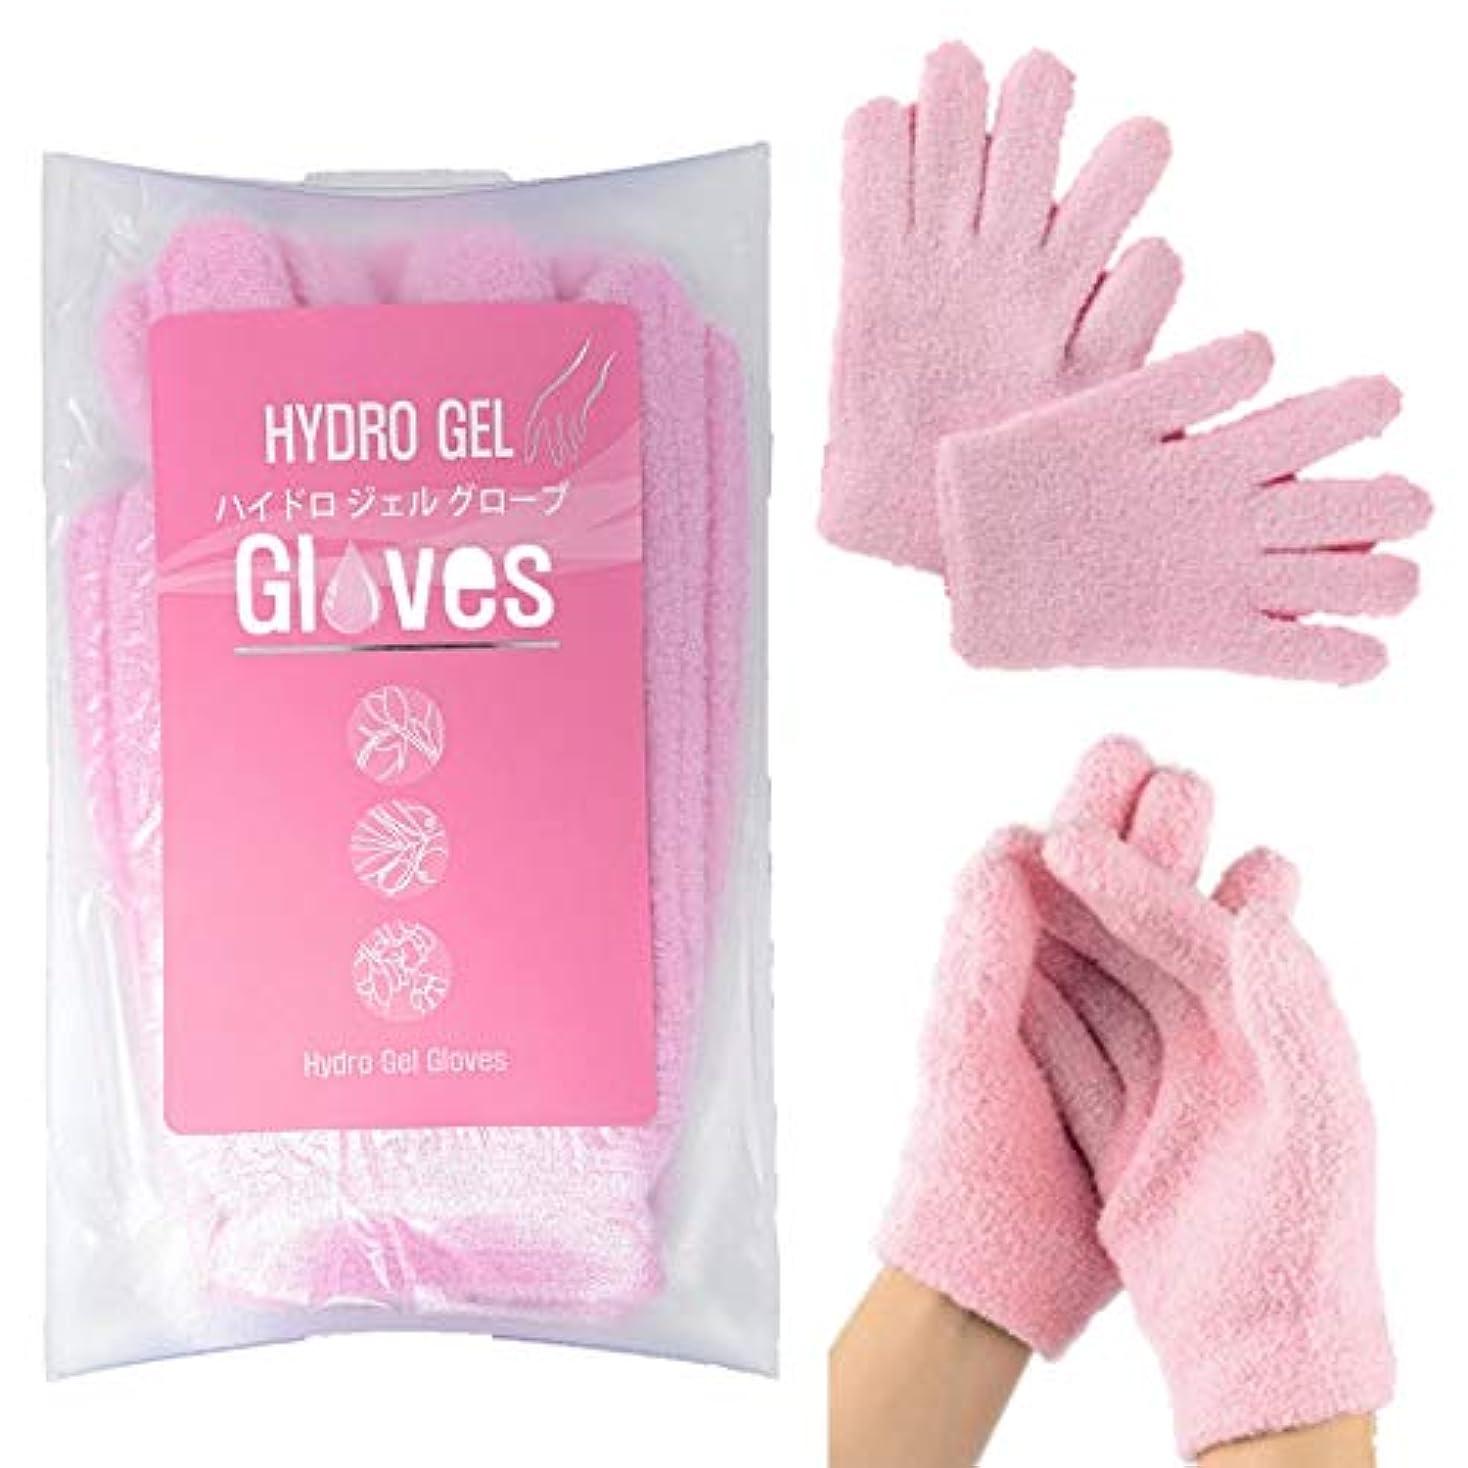 思春期引き渡す言い訳美容 保湿 手袋 Mediet ハイドロ ジェル グローブ フリーサイズ 肌のカサカサ 痒み 防止 緩和